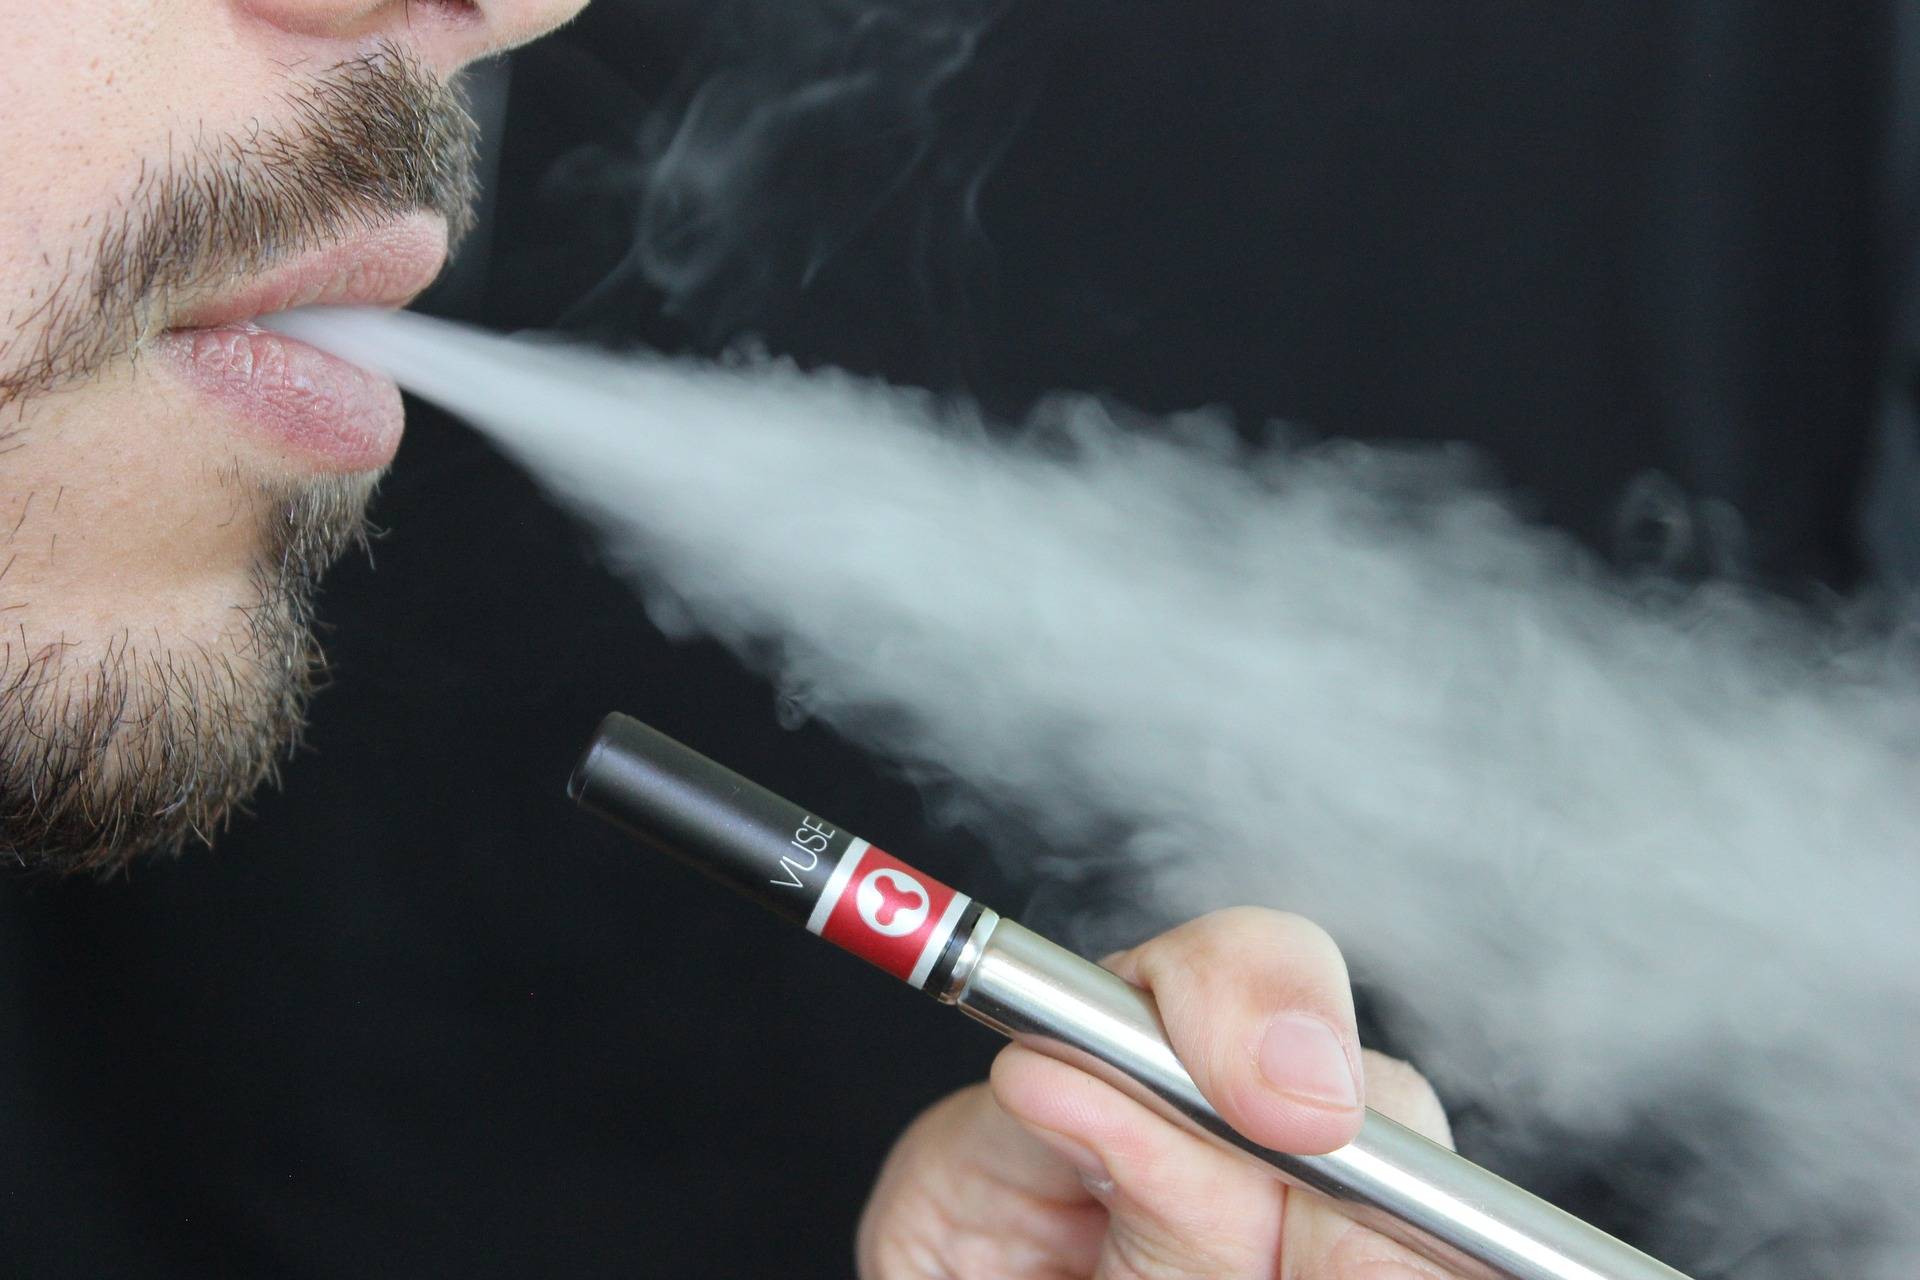 Így változtak a dohányzási szokások a koronavírus-járvány időszakában